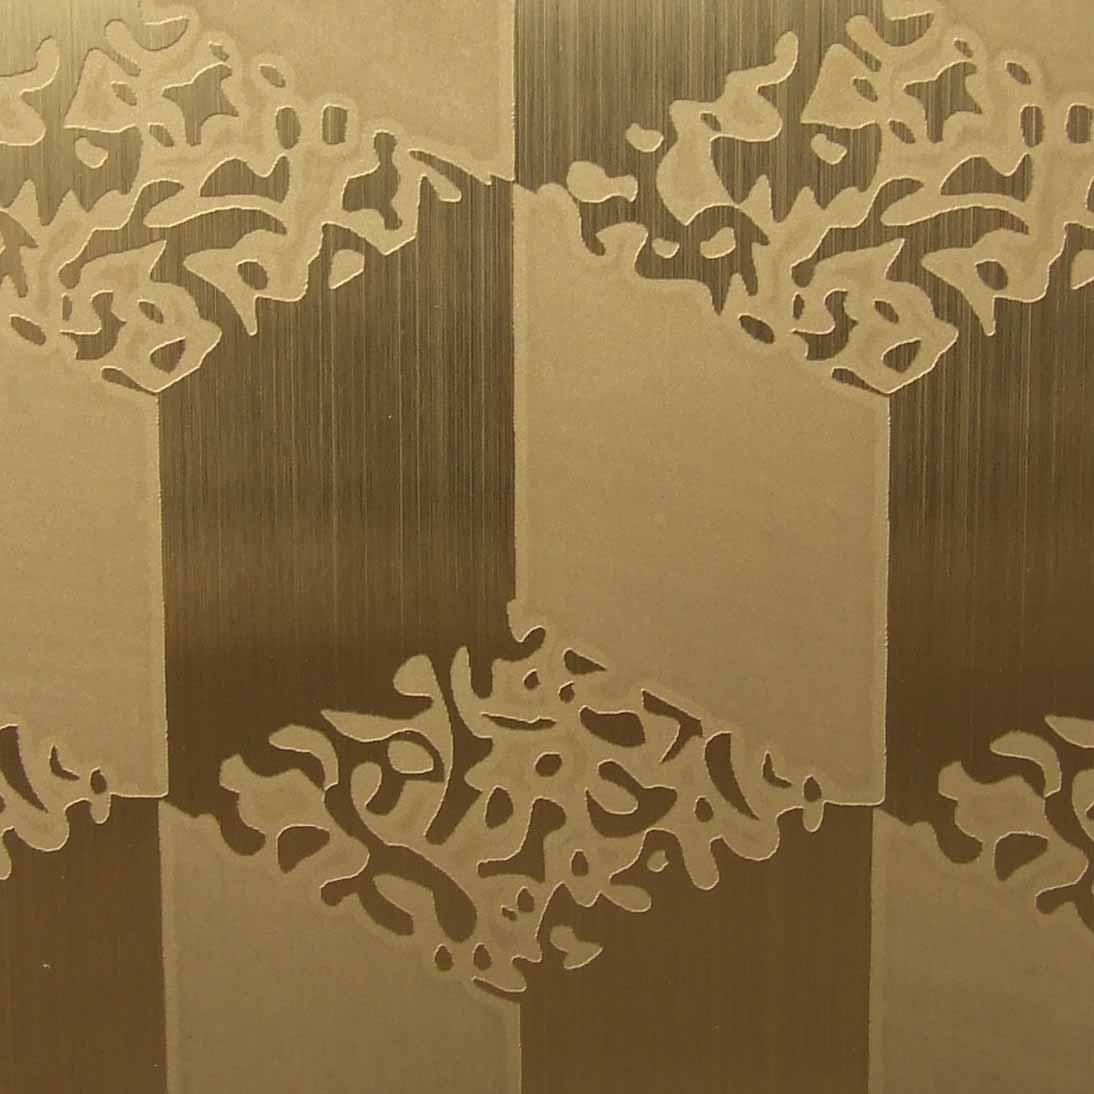 供应加工彩色不锈钢钛金腐蚀装饰板,价格实在不锈钢蚀刻花板